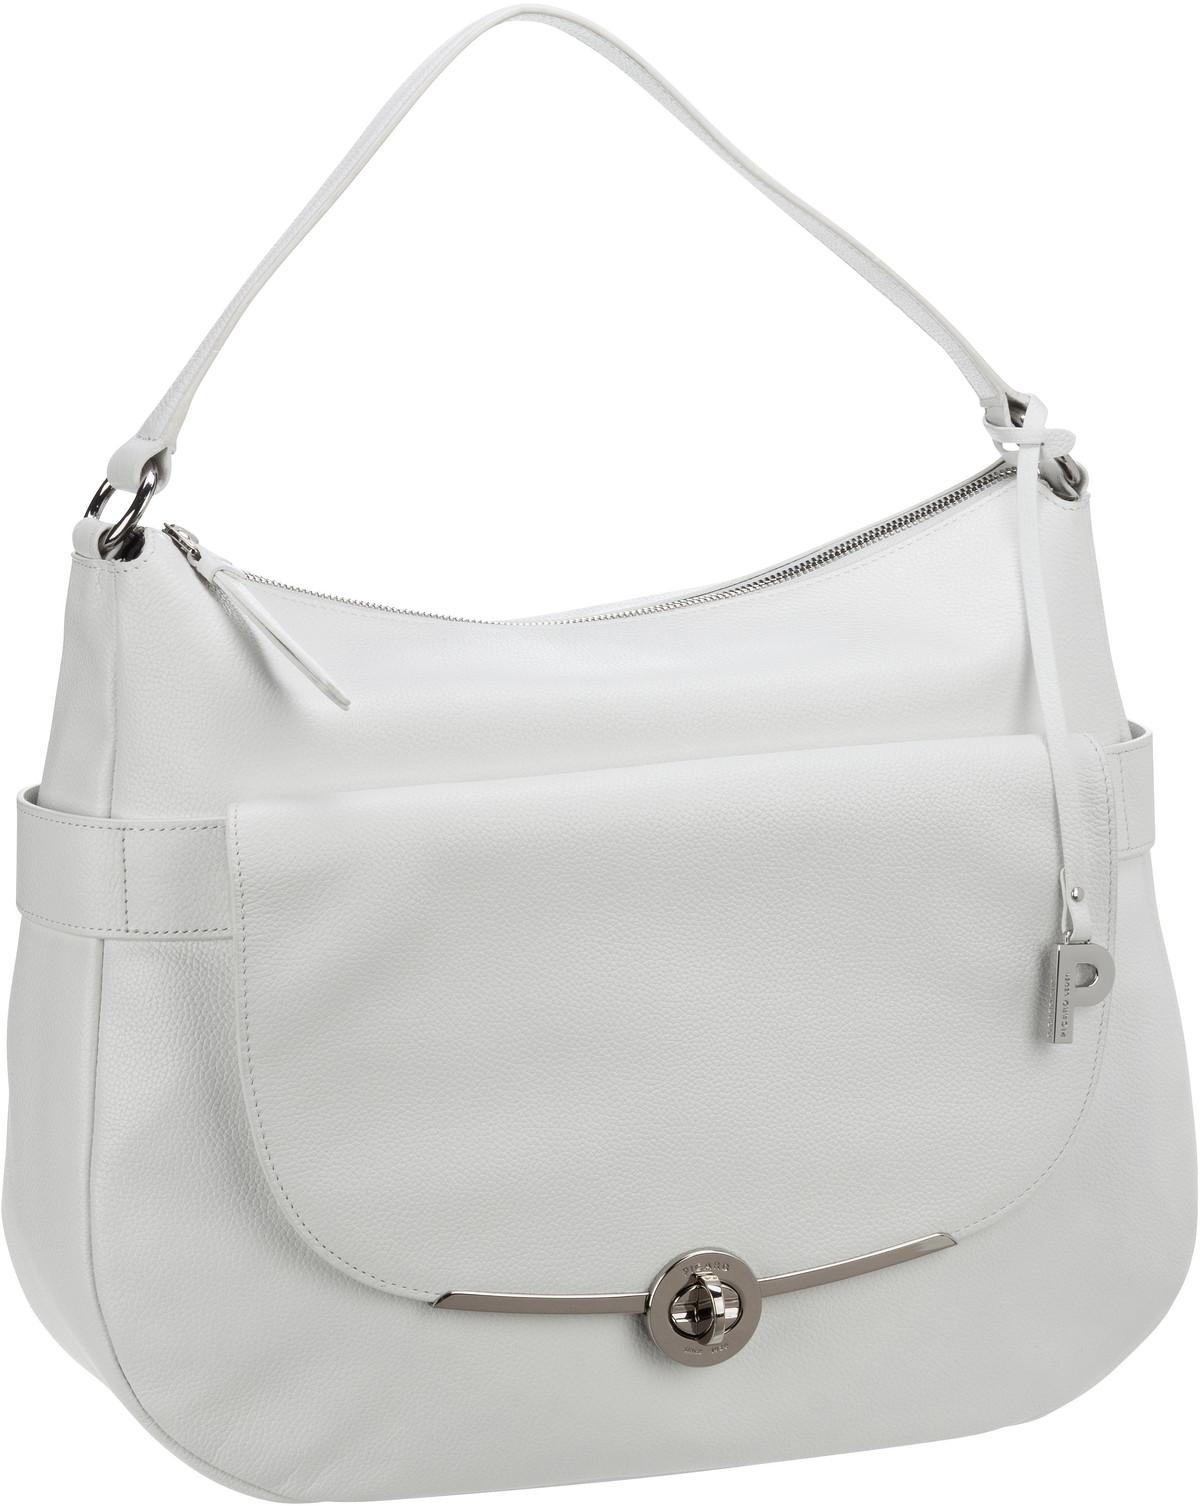 Handtasche Sylt 9707 Weiß